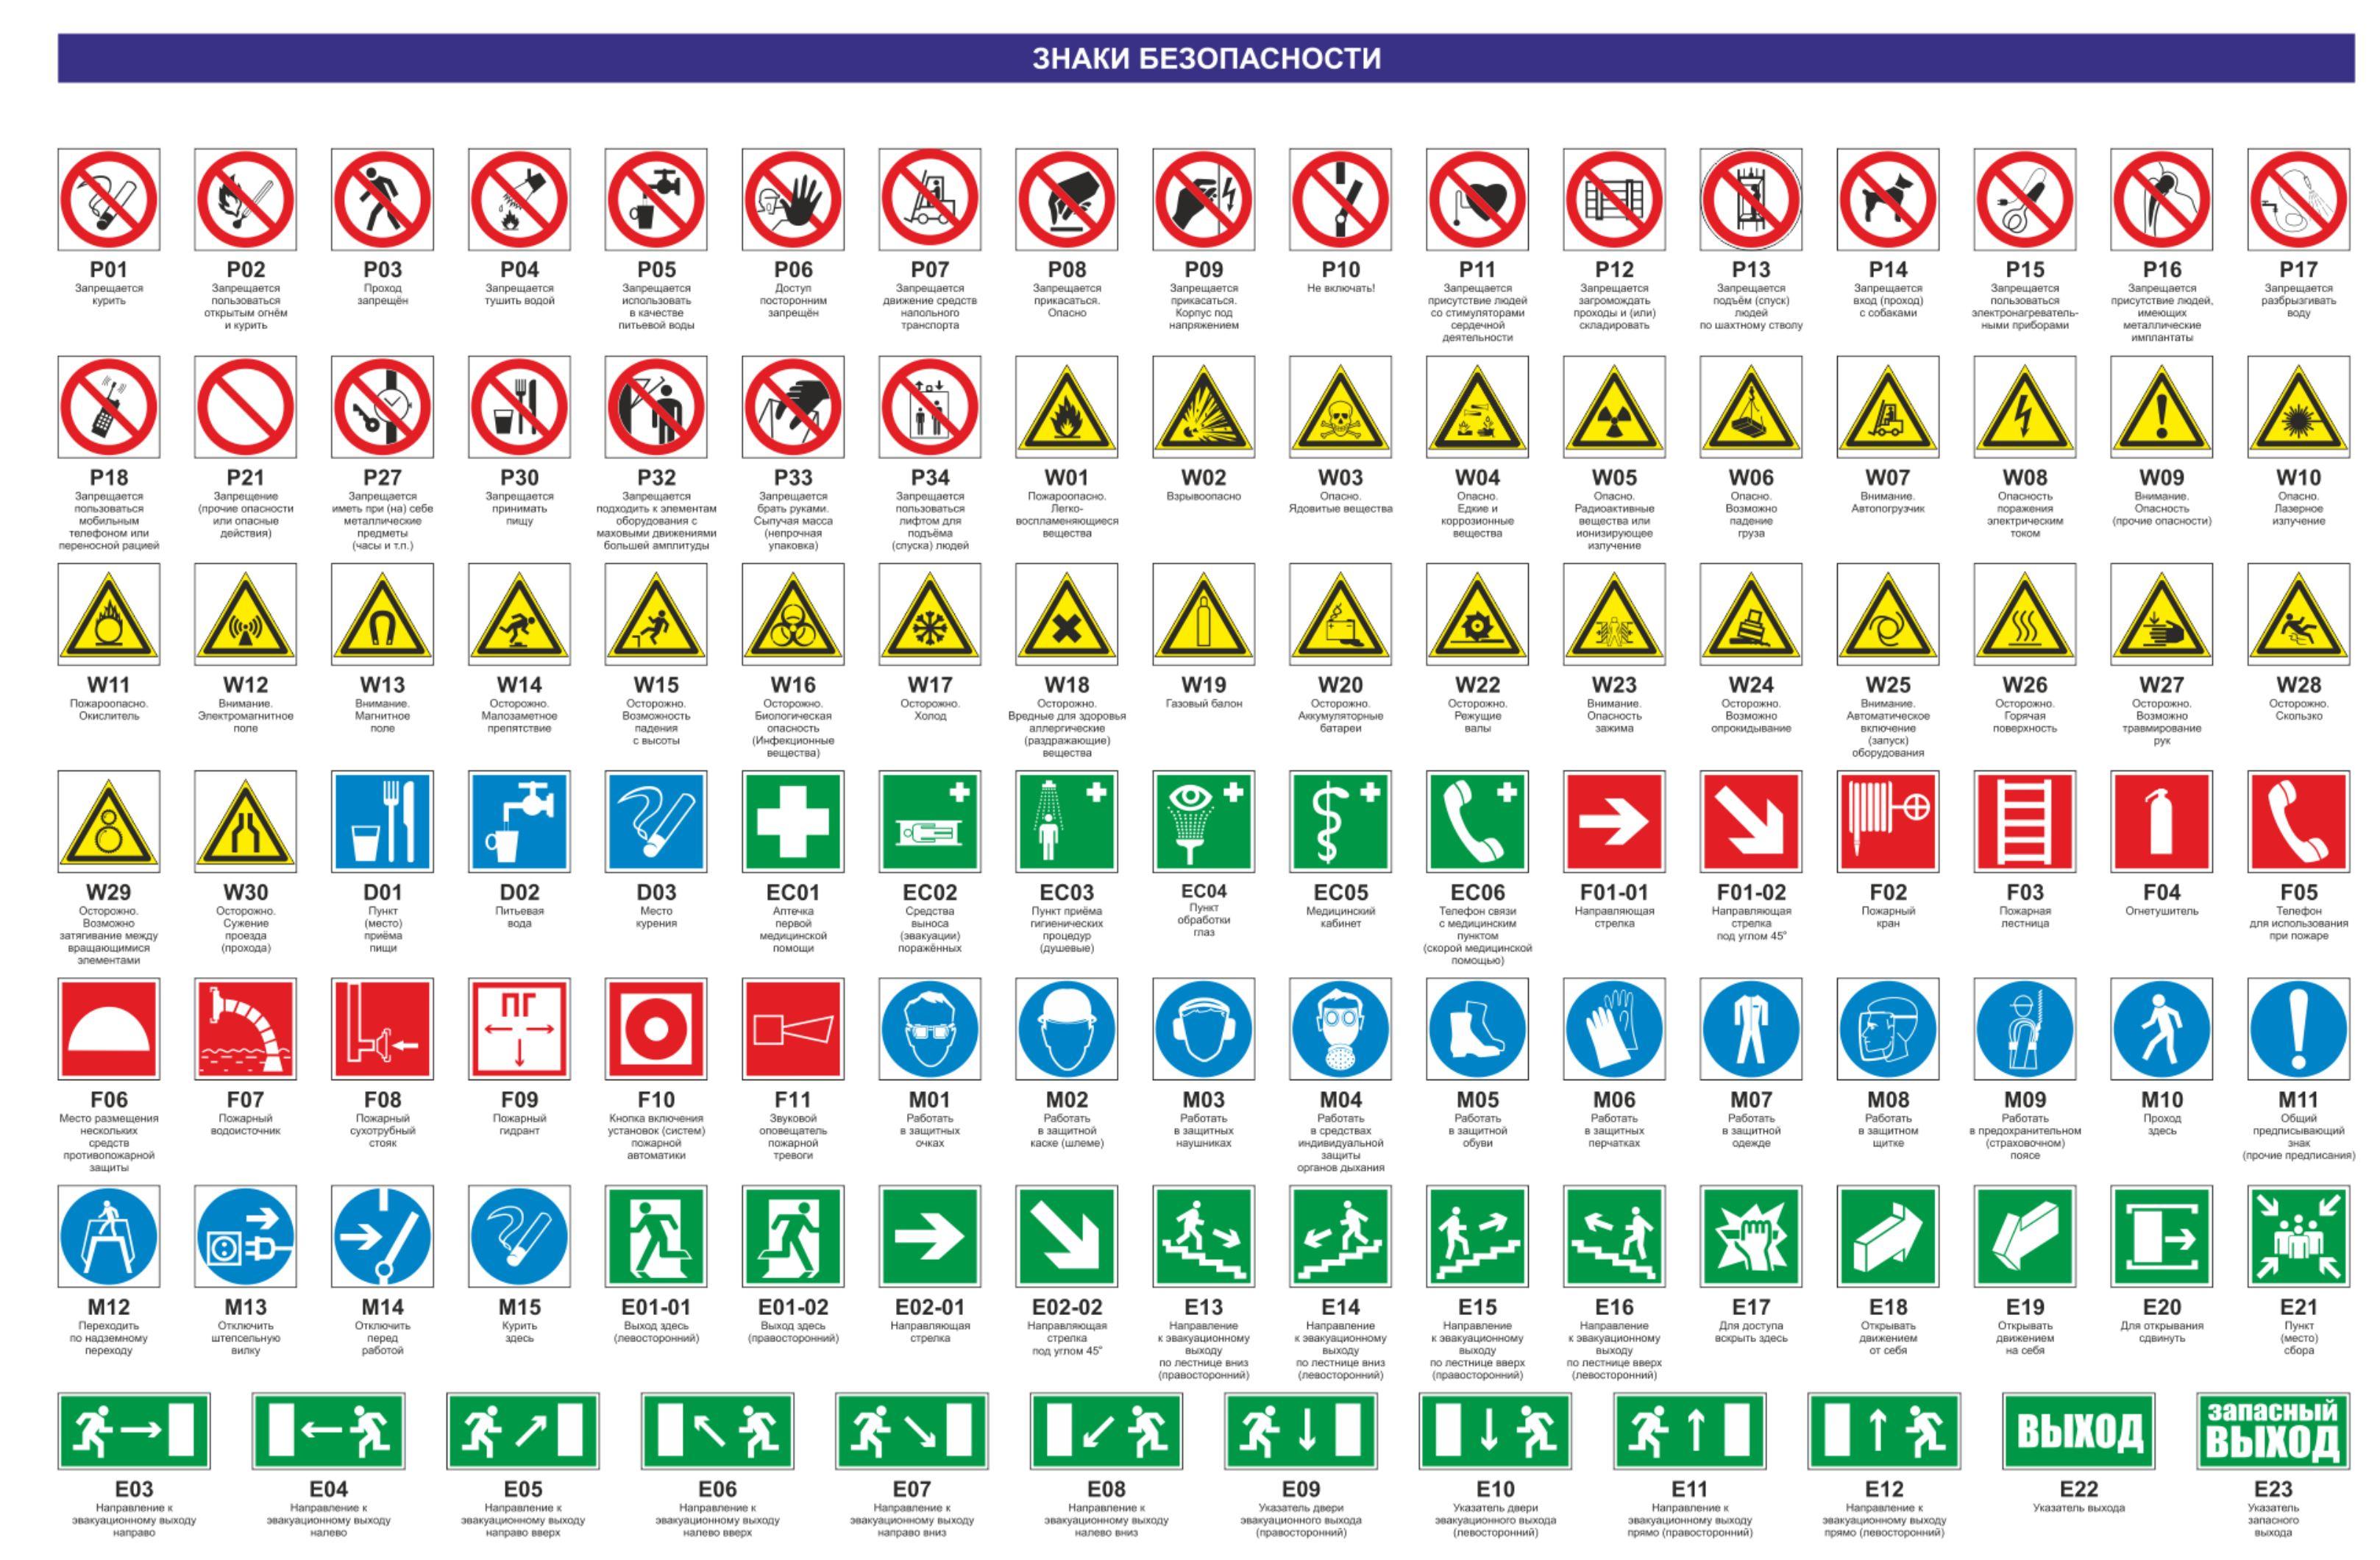 Предупреждающие знаки безопасности по охране труда в картинках